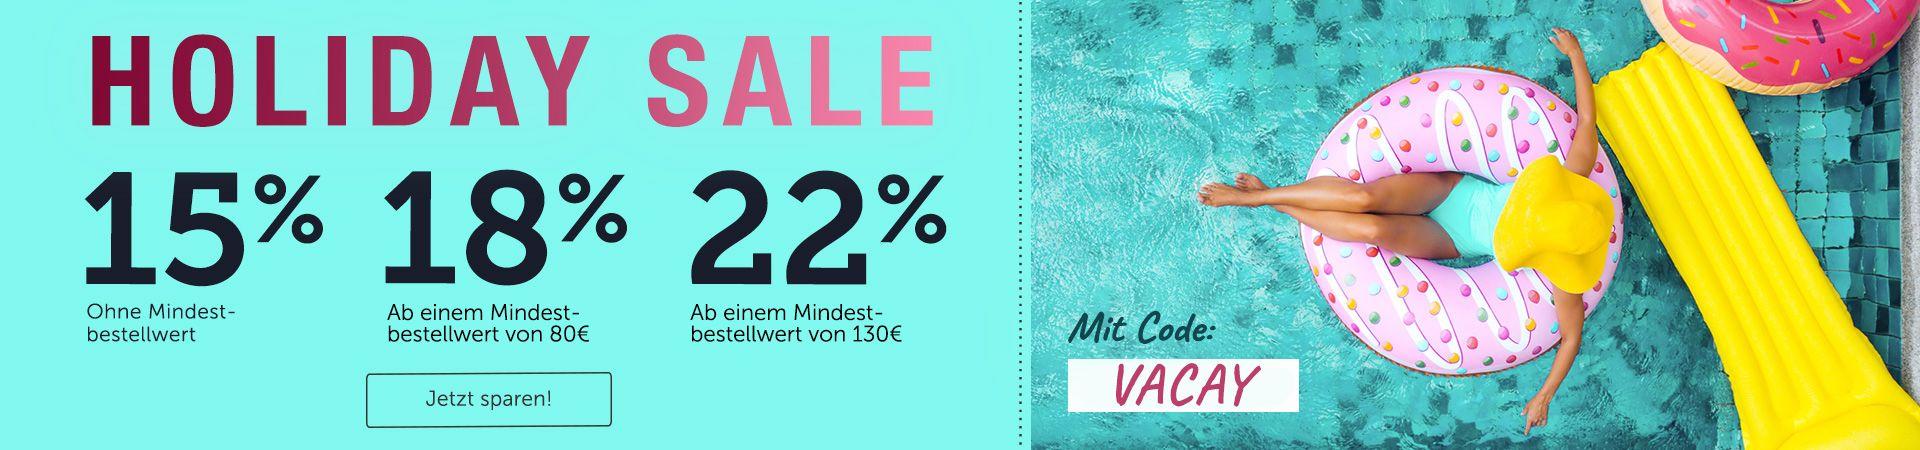 Hol dir jetzt im großen Holiday Sale bis zu 22% Rabatt!